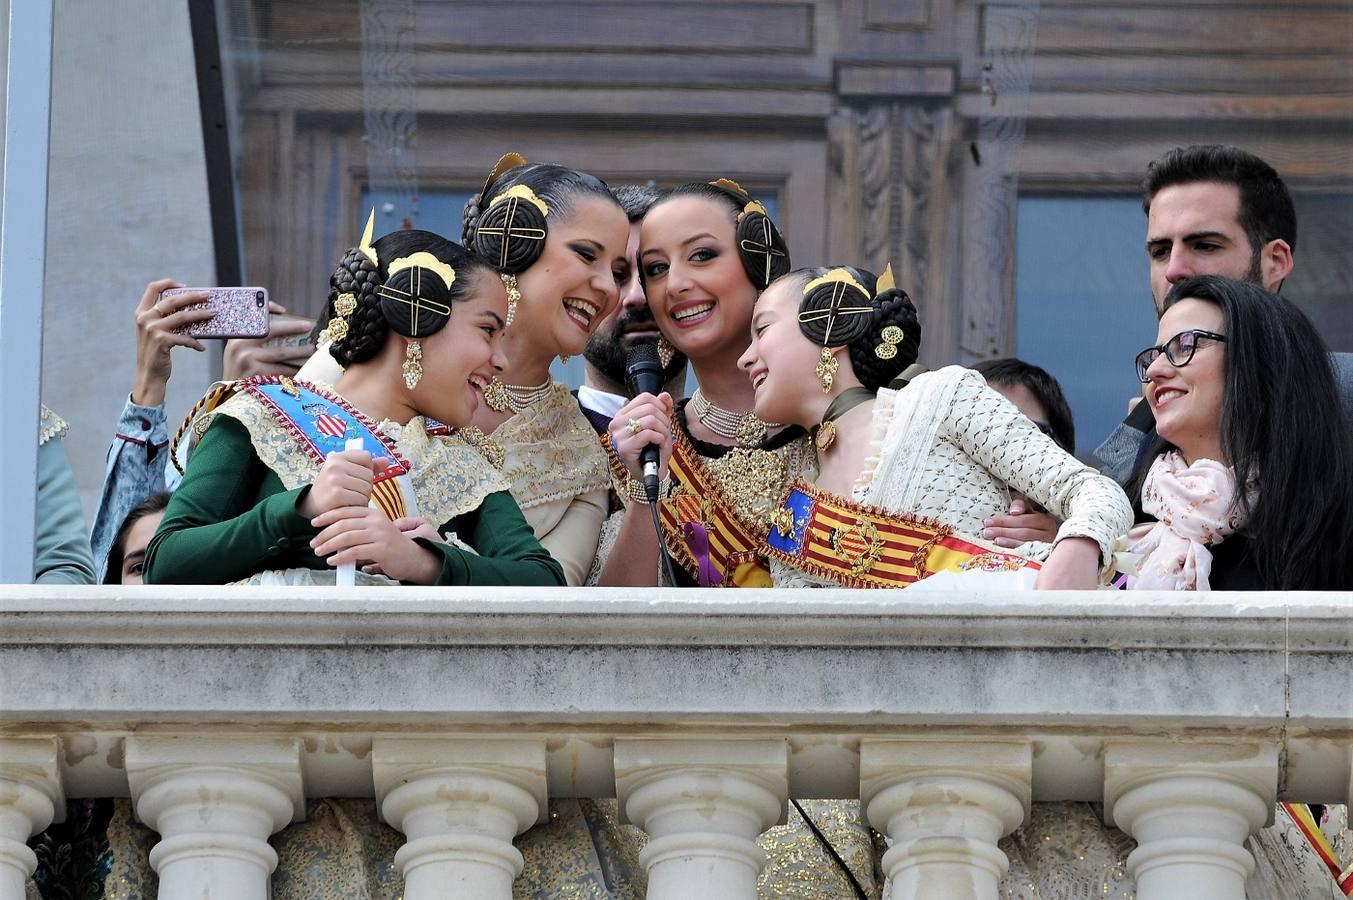 #Fotos 📸| Búscate en las imágenes de la mascletà de hoy dehttp://www.lasprovincias.es/fallas-valencia/buscate-imagenes-mascleta-marzo-mujer-20180308165102-ga.html https://t.co/ndnHU9Ne4h